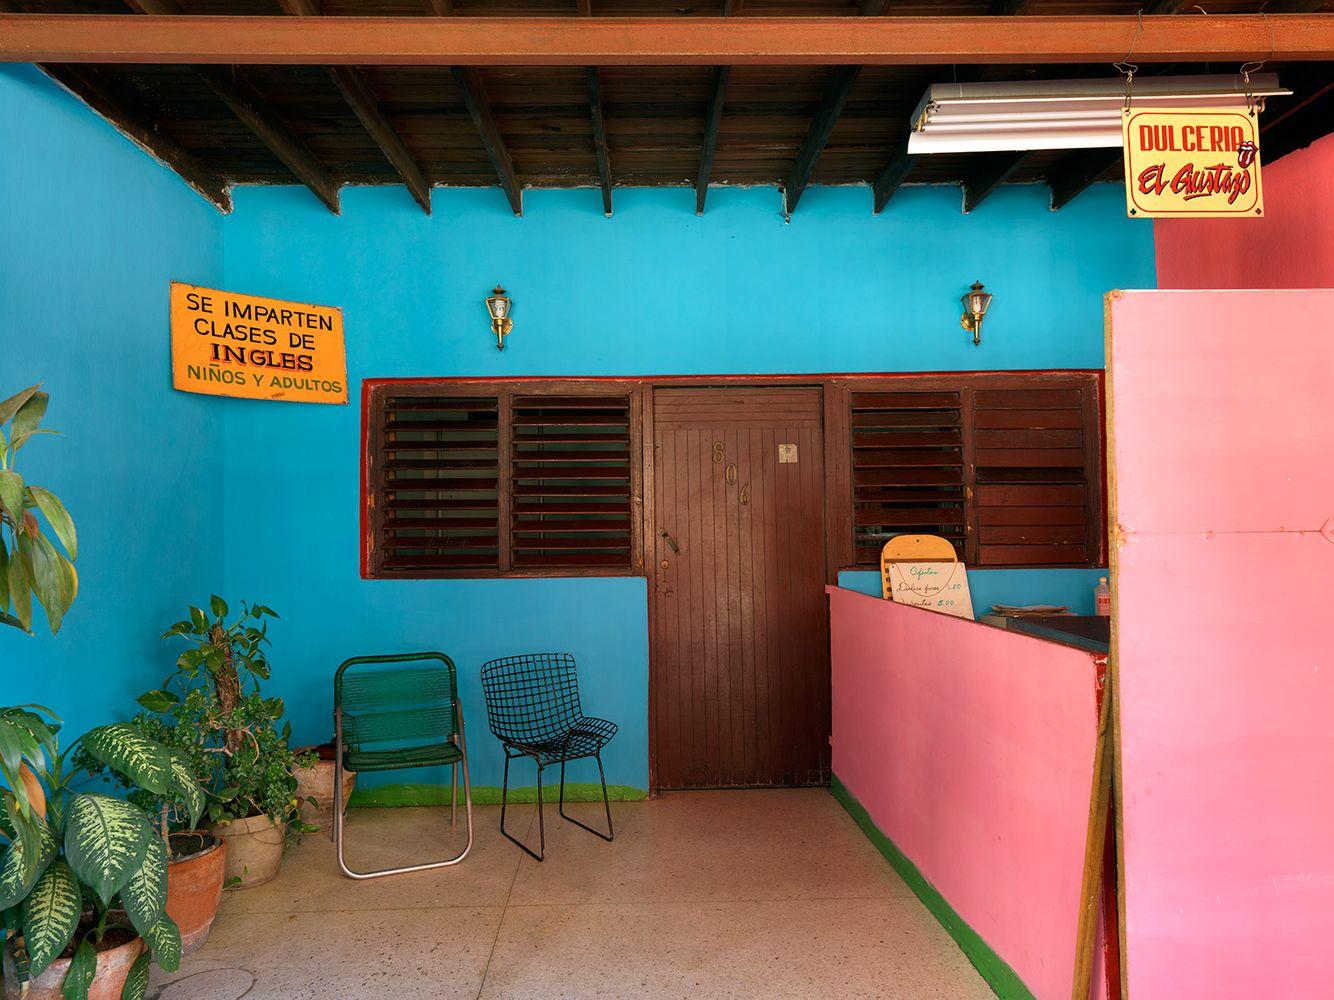 English Language Speaking Classes, Centro Havana, Cuba 2016